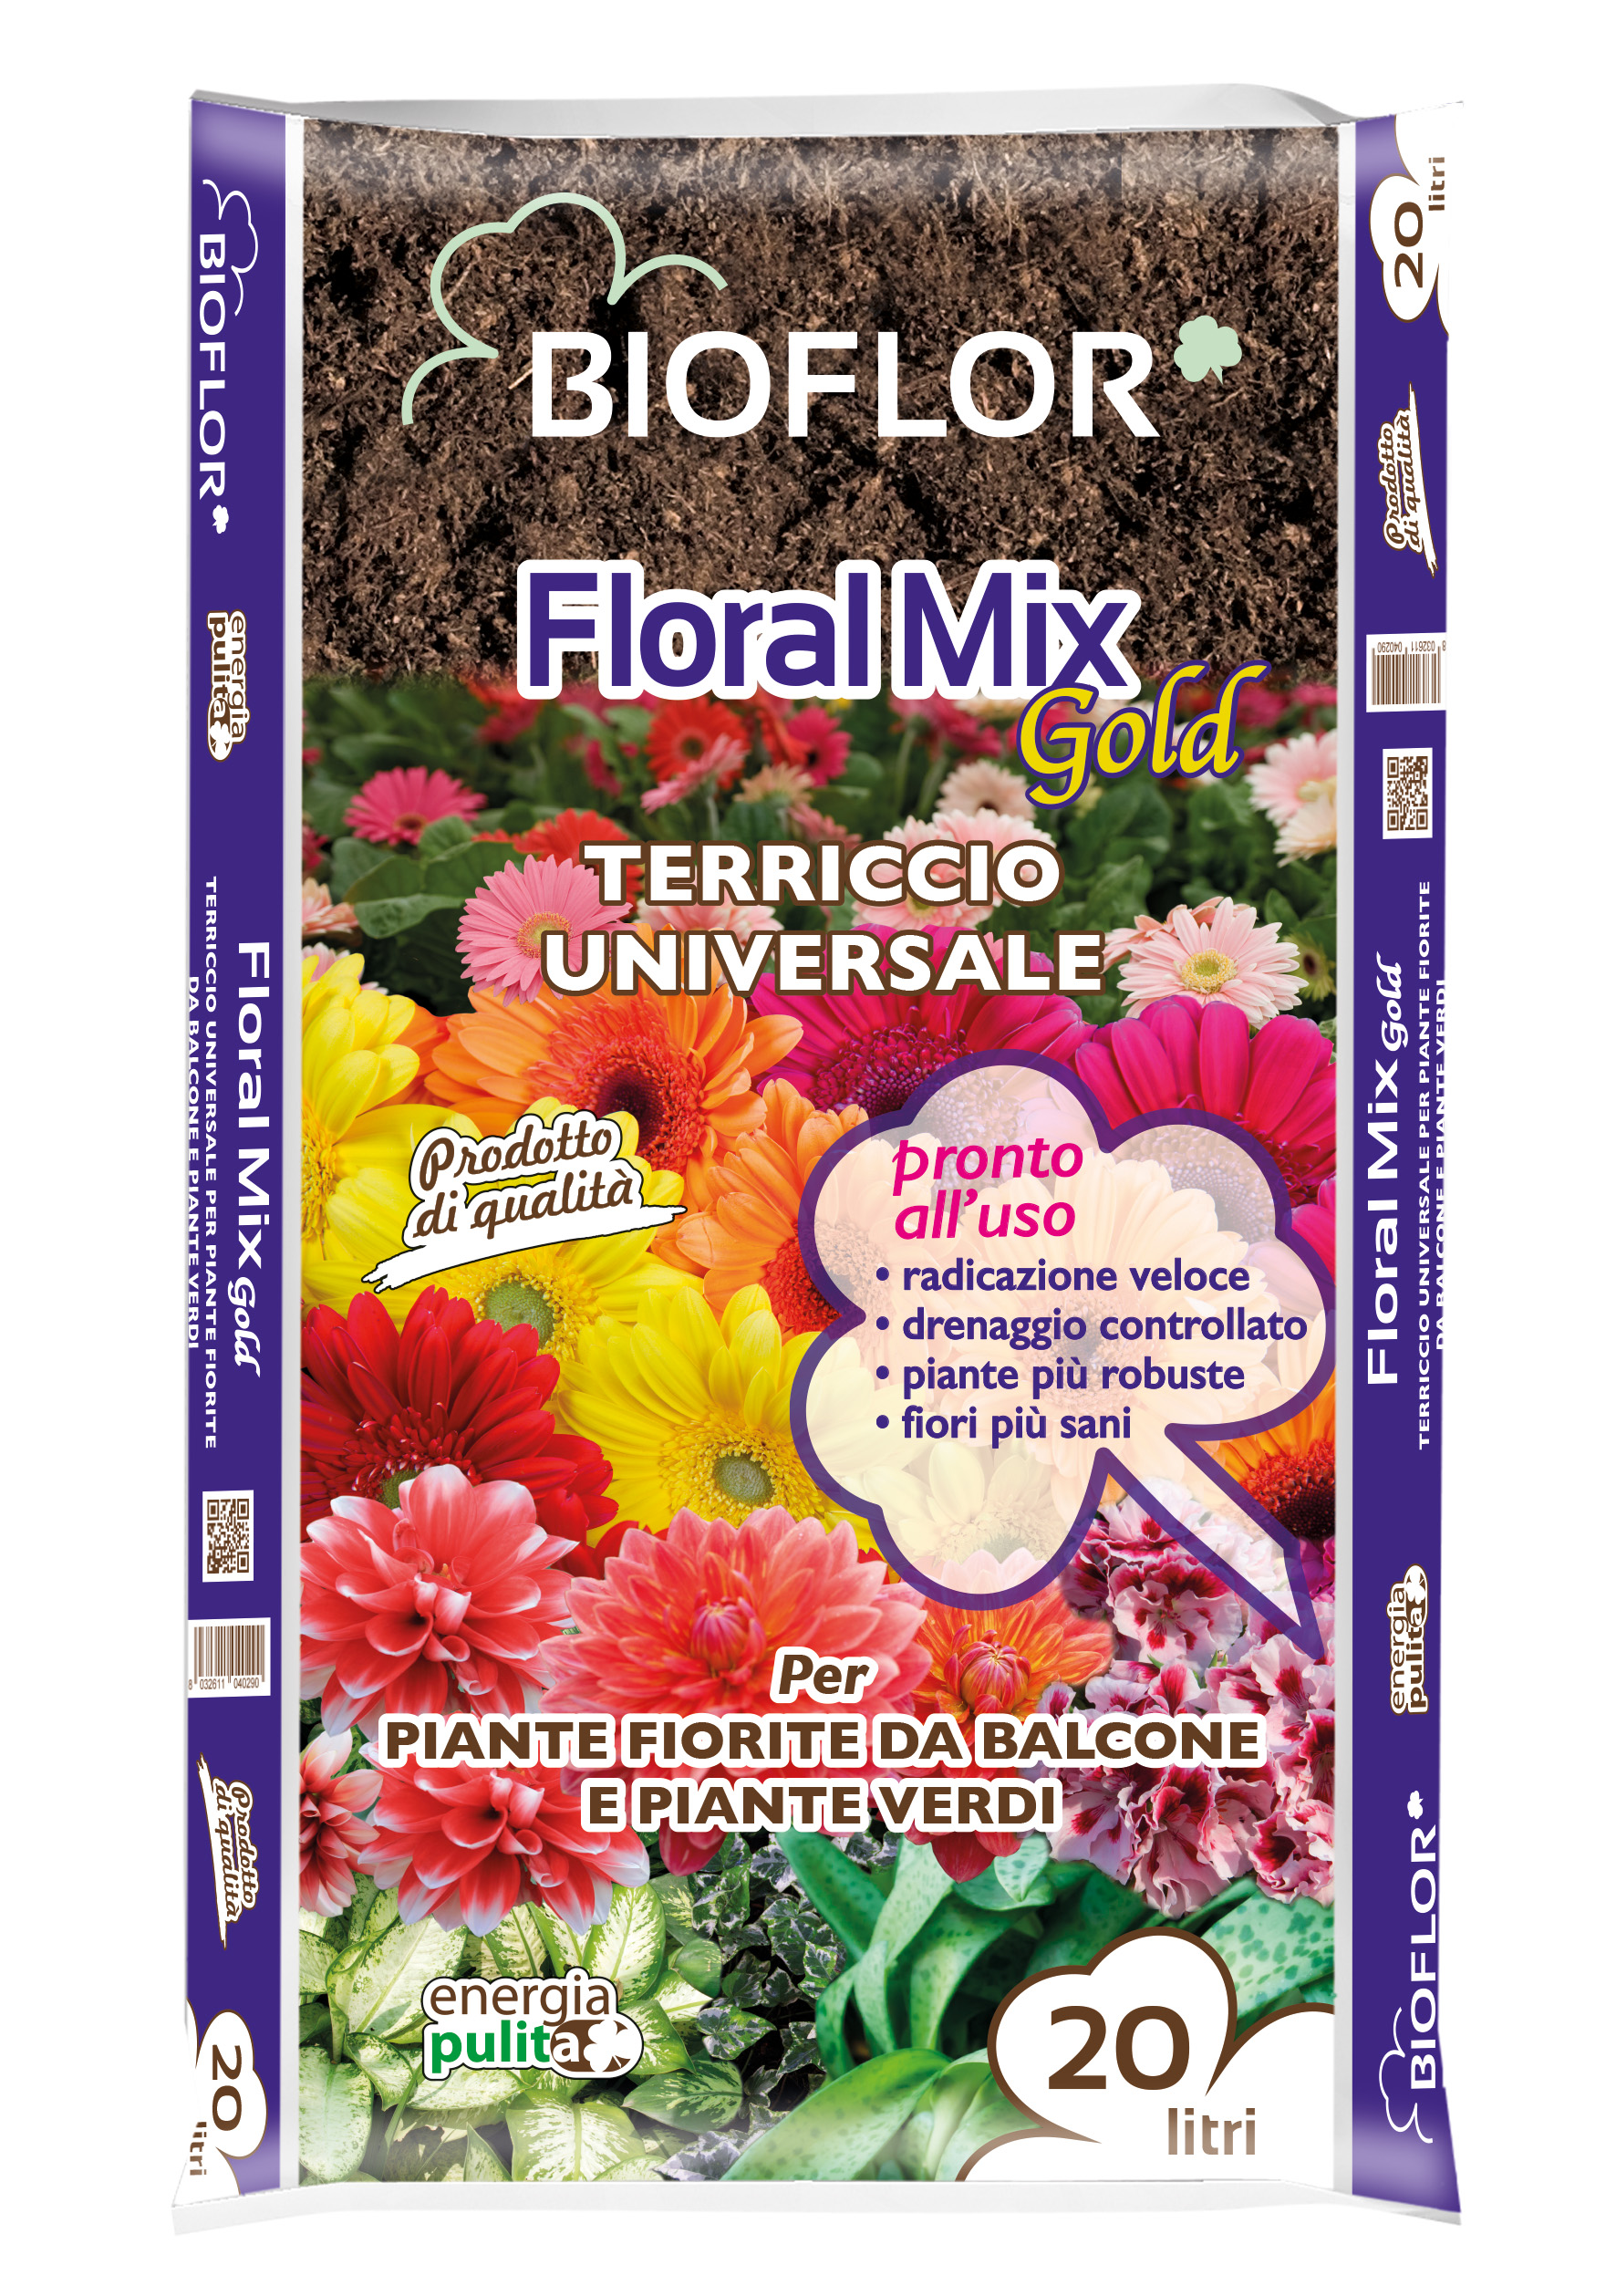 Floralmix Gold